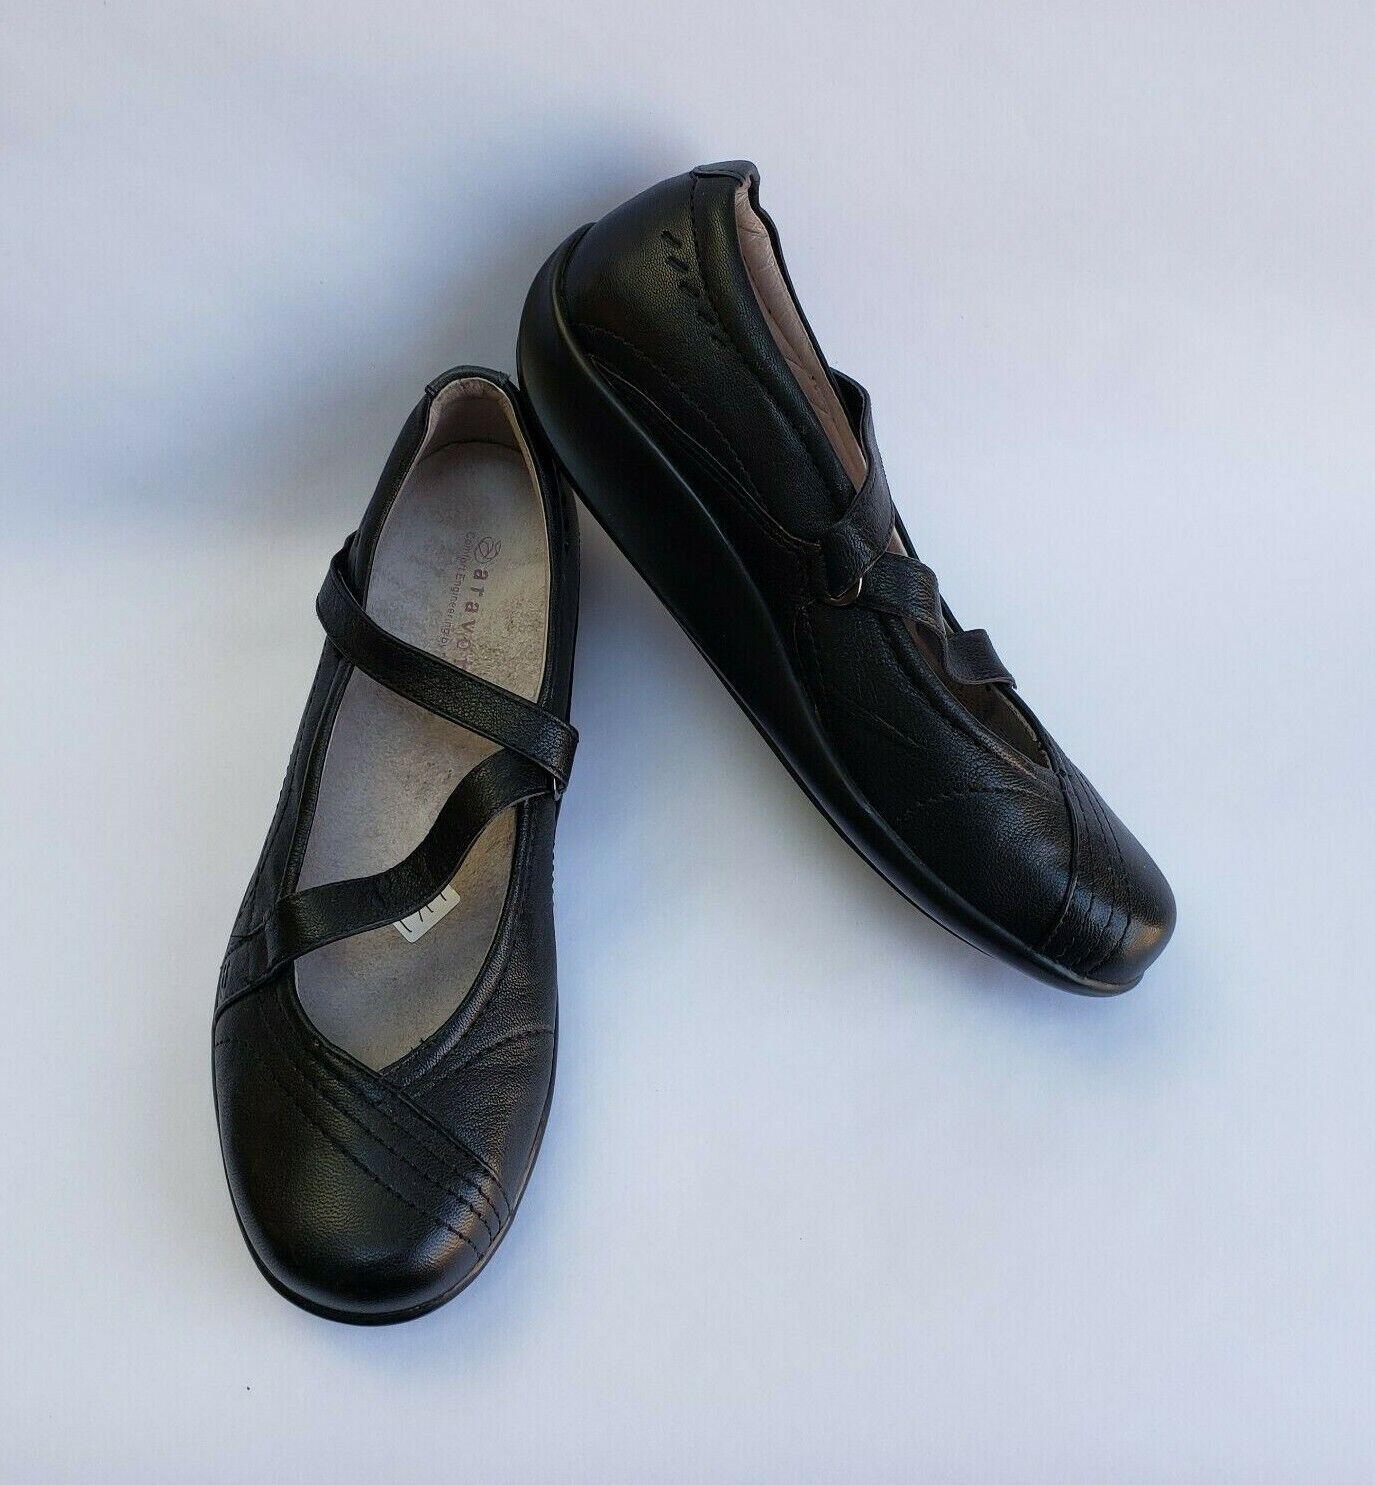 la migliore selezione di Aravon scarpe nero nero nero Mary Janes Walking Comfort Lucie WEL03BK donna Dimensione 8.5 B  gli ultimi modelli